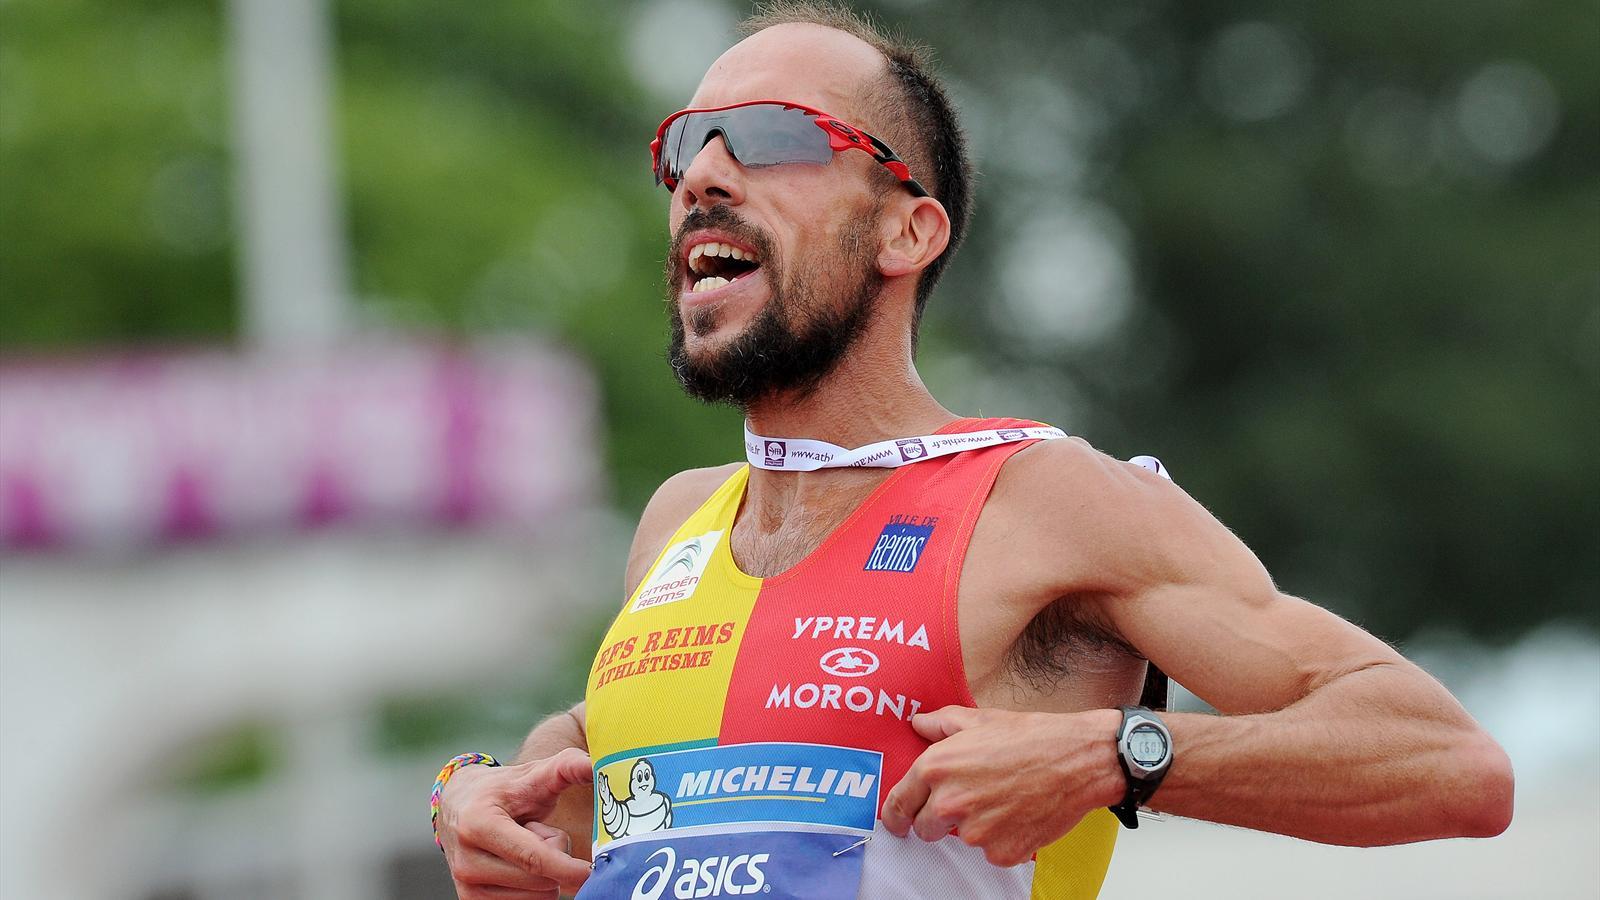 Йоанн Диниз побил мировой рекорд в спортивной ходьбе на 20 км